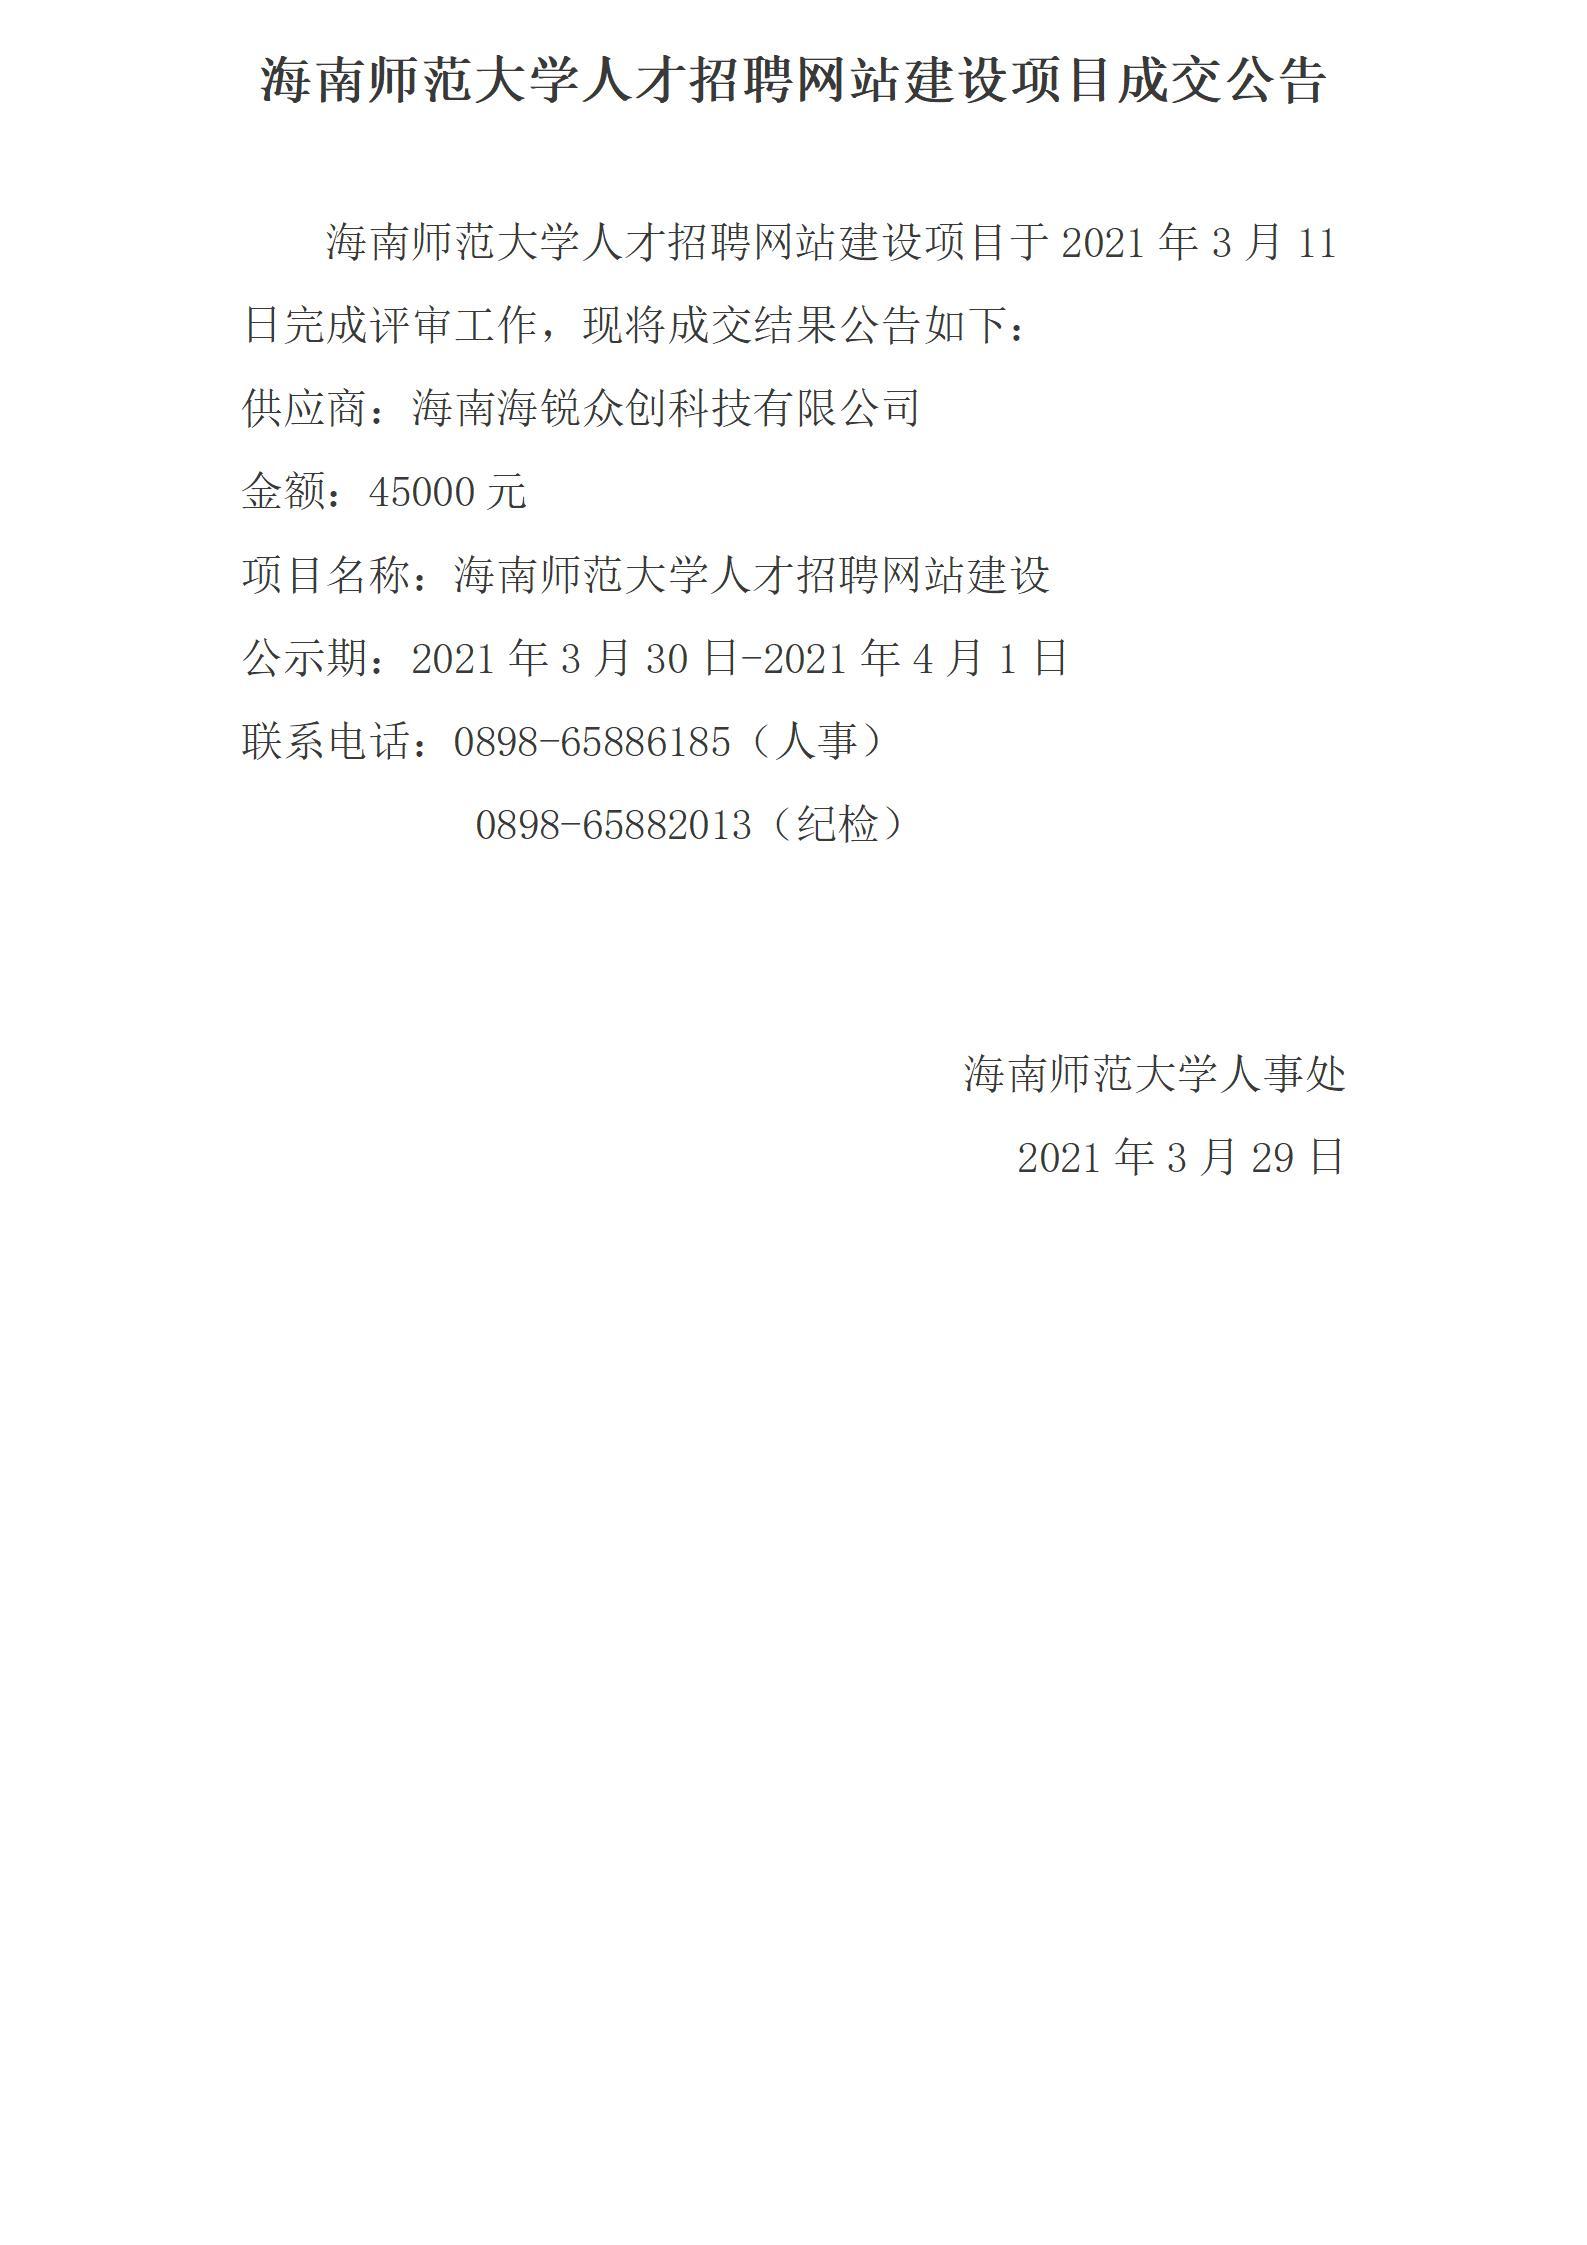 海南师范大学人才招聘网站建设项目成交公告